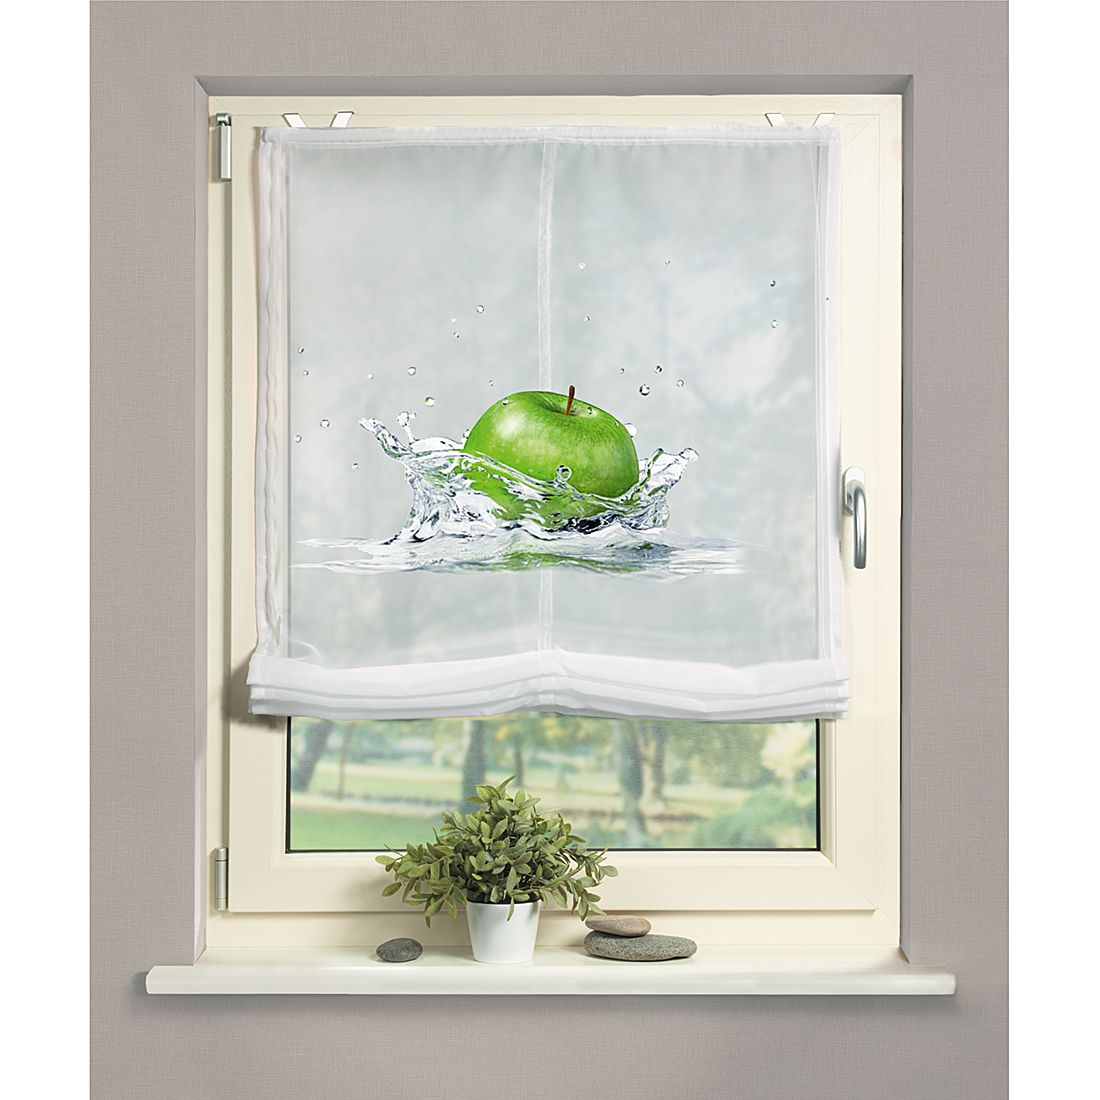 Raffrollo Apple, Home Wohnideen günstig bestellen